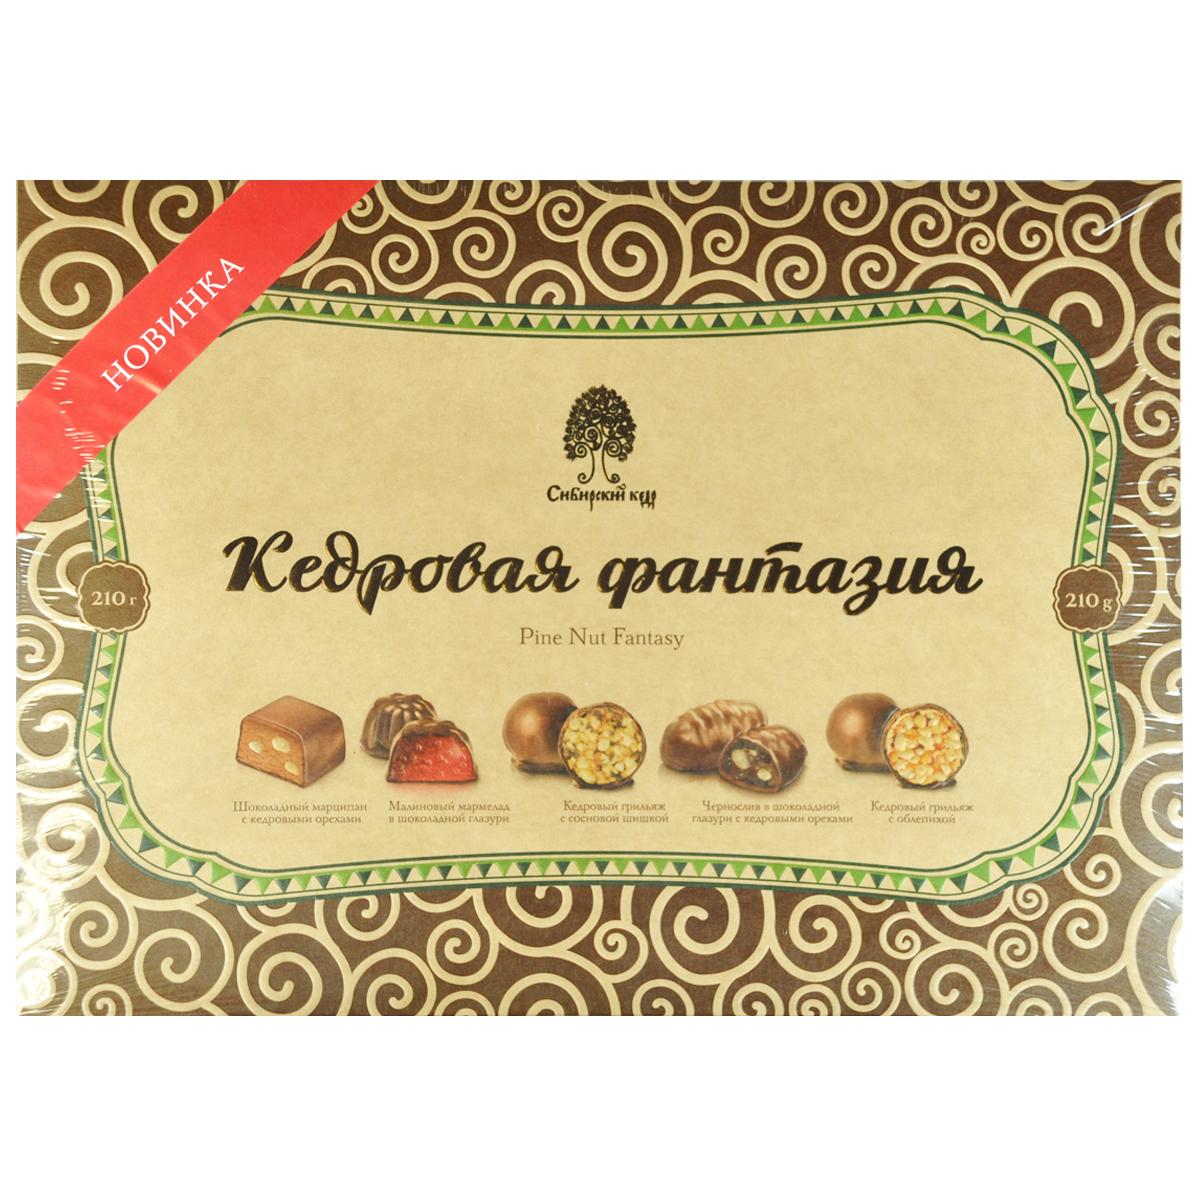 Сибирский Кедр конфеты кедровая фантазия ассорти, 210 г